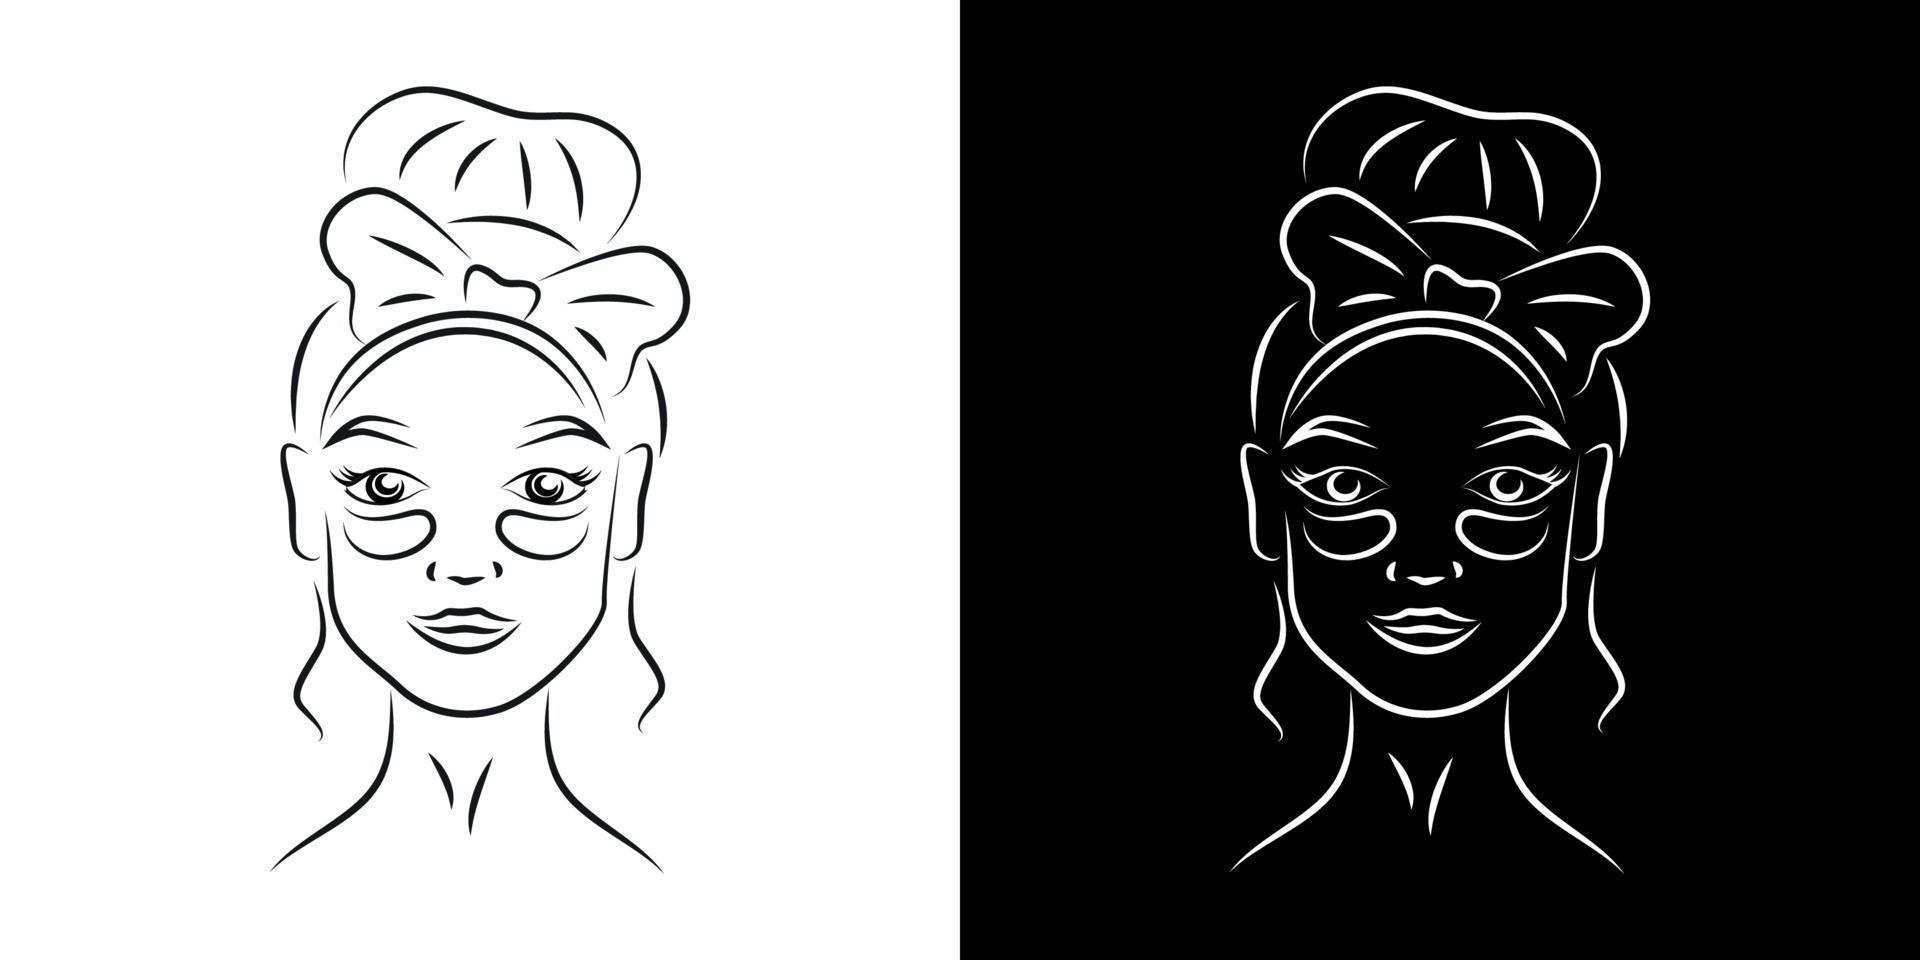 com tapa-olhos ilustração em vetor retrato contorno. rosto de menina com arte linha realista de produtos para a pele. olhos de senhora contorno de tratamento de olheiras em fundos preto e branco